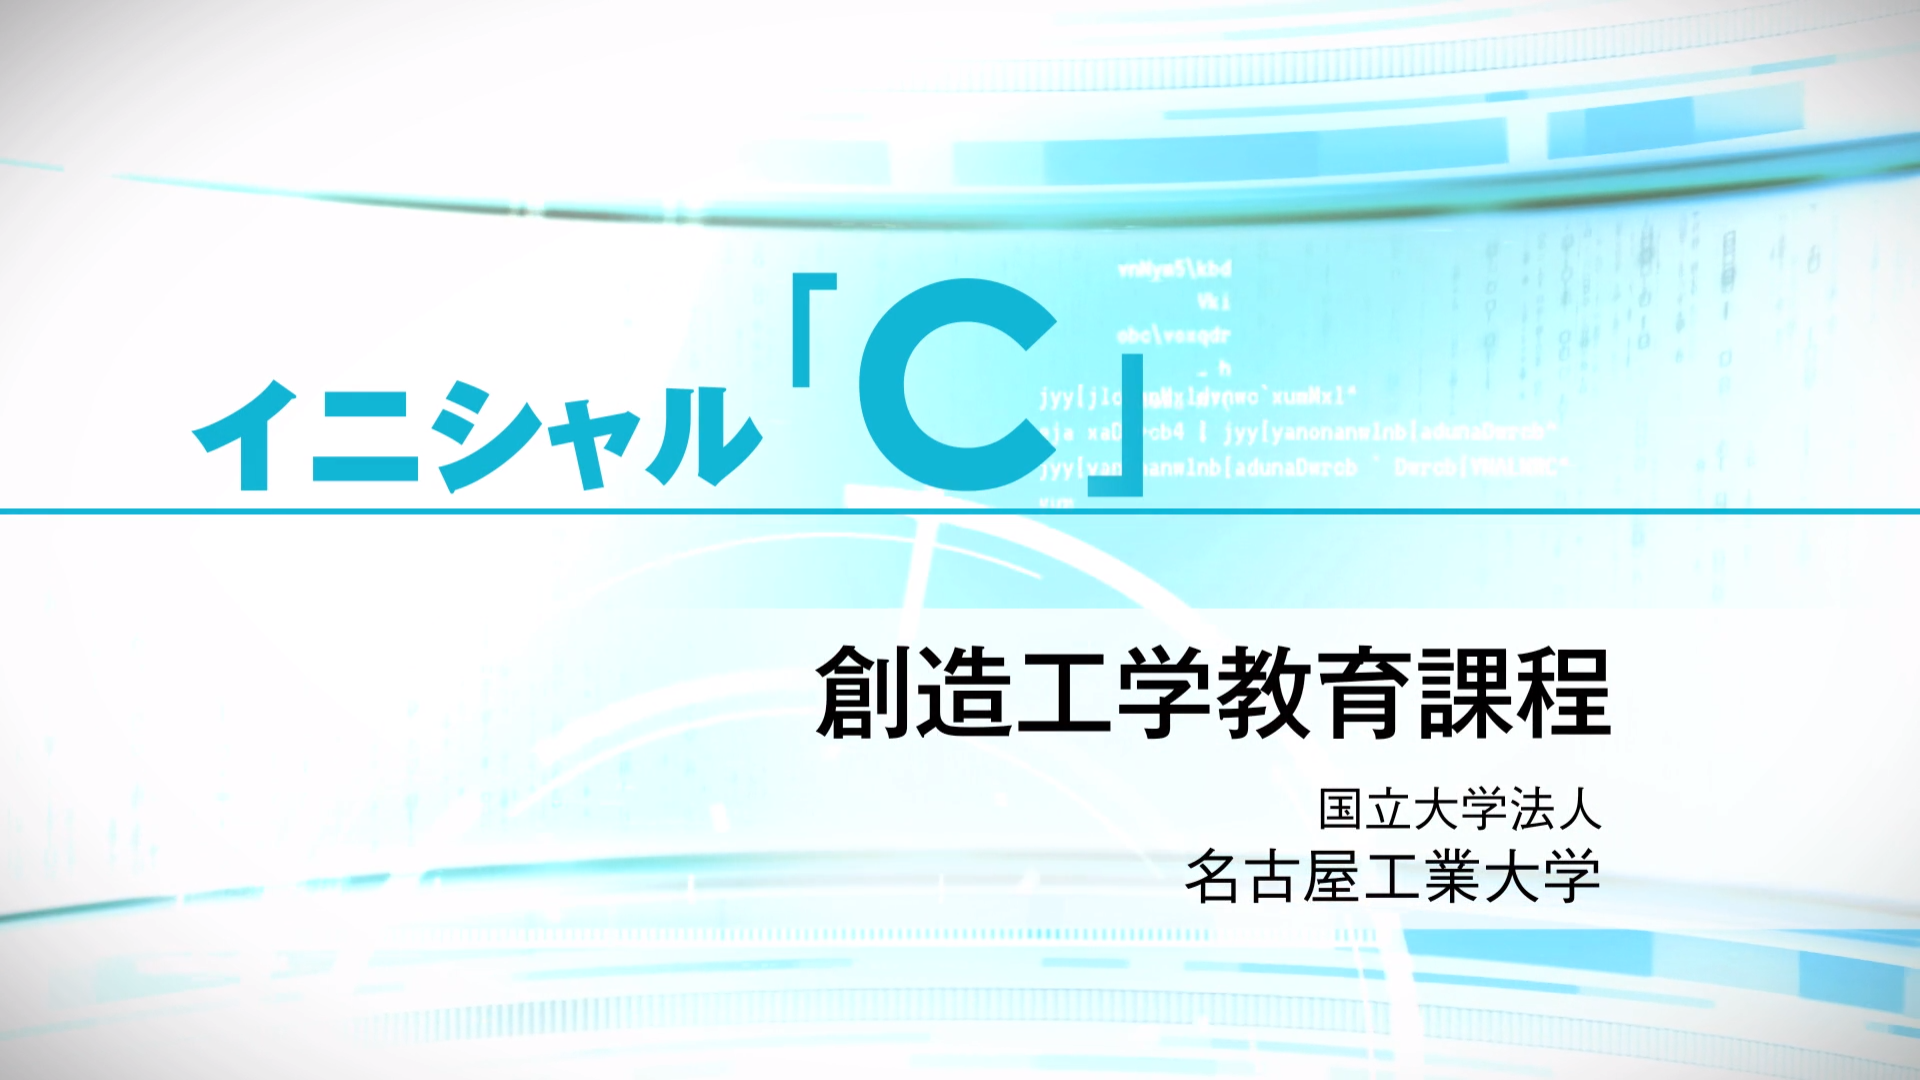 工業 状況 名古屋 大学 出願